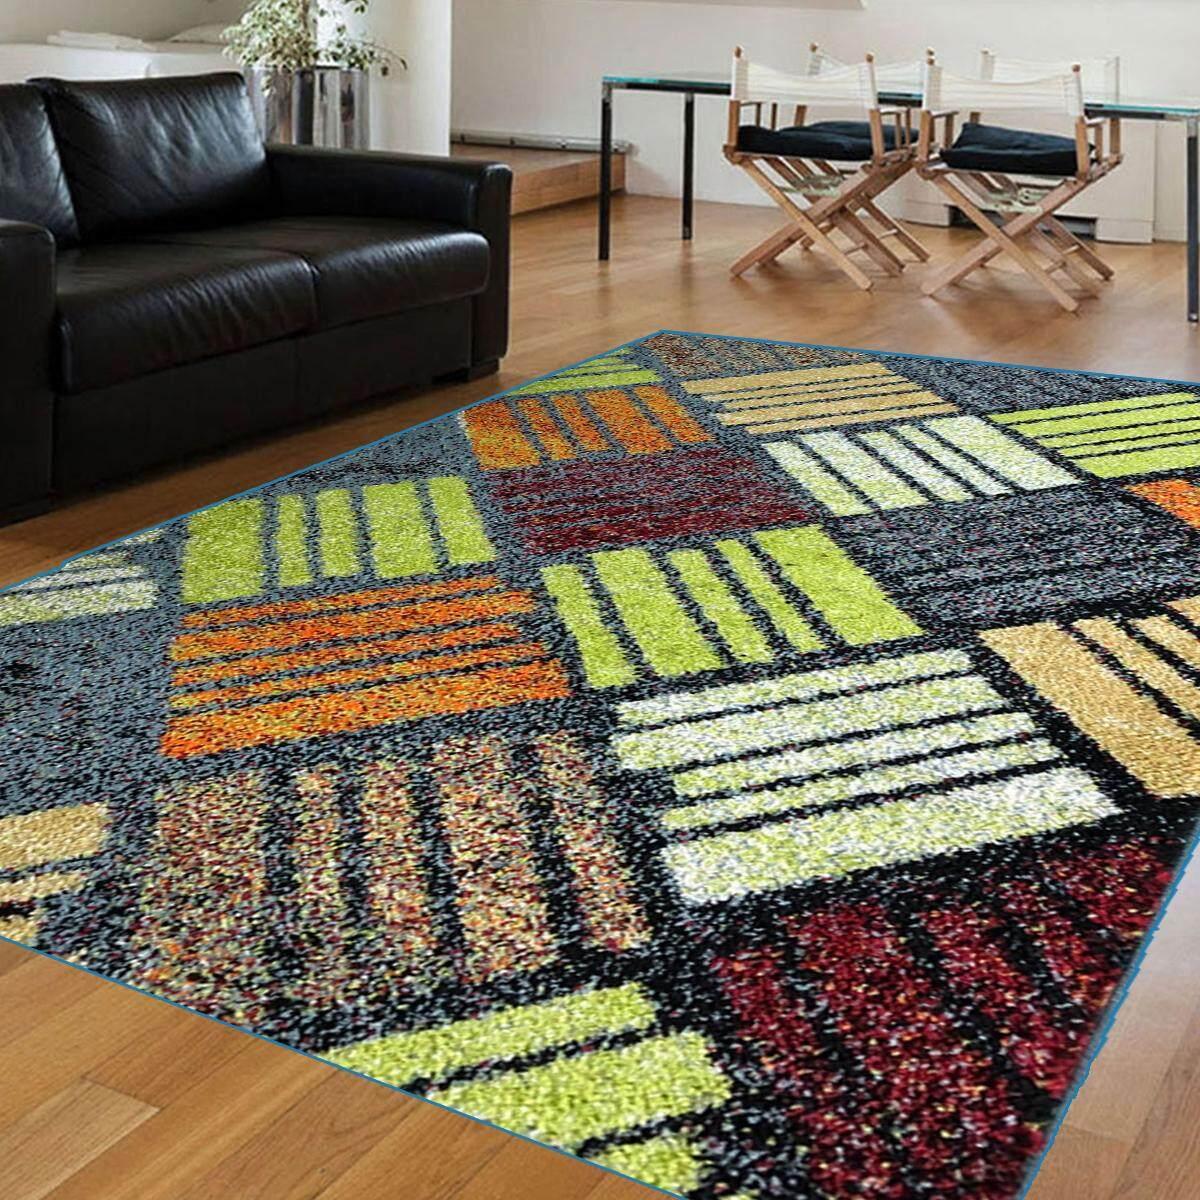 Modern Carpet Da Vinci - Code 1209